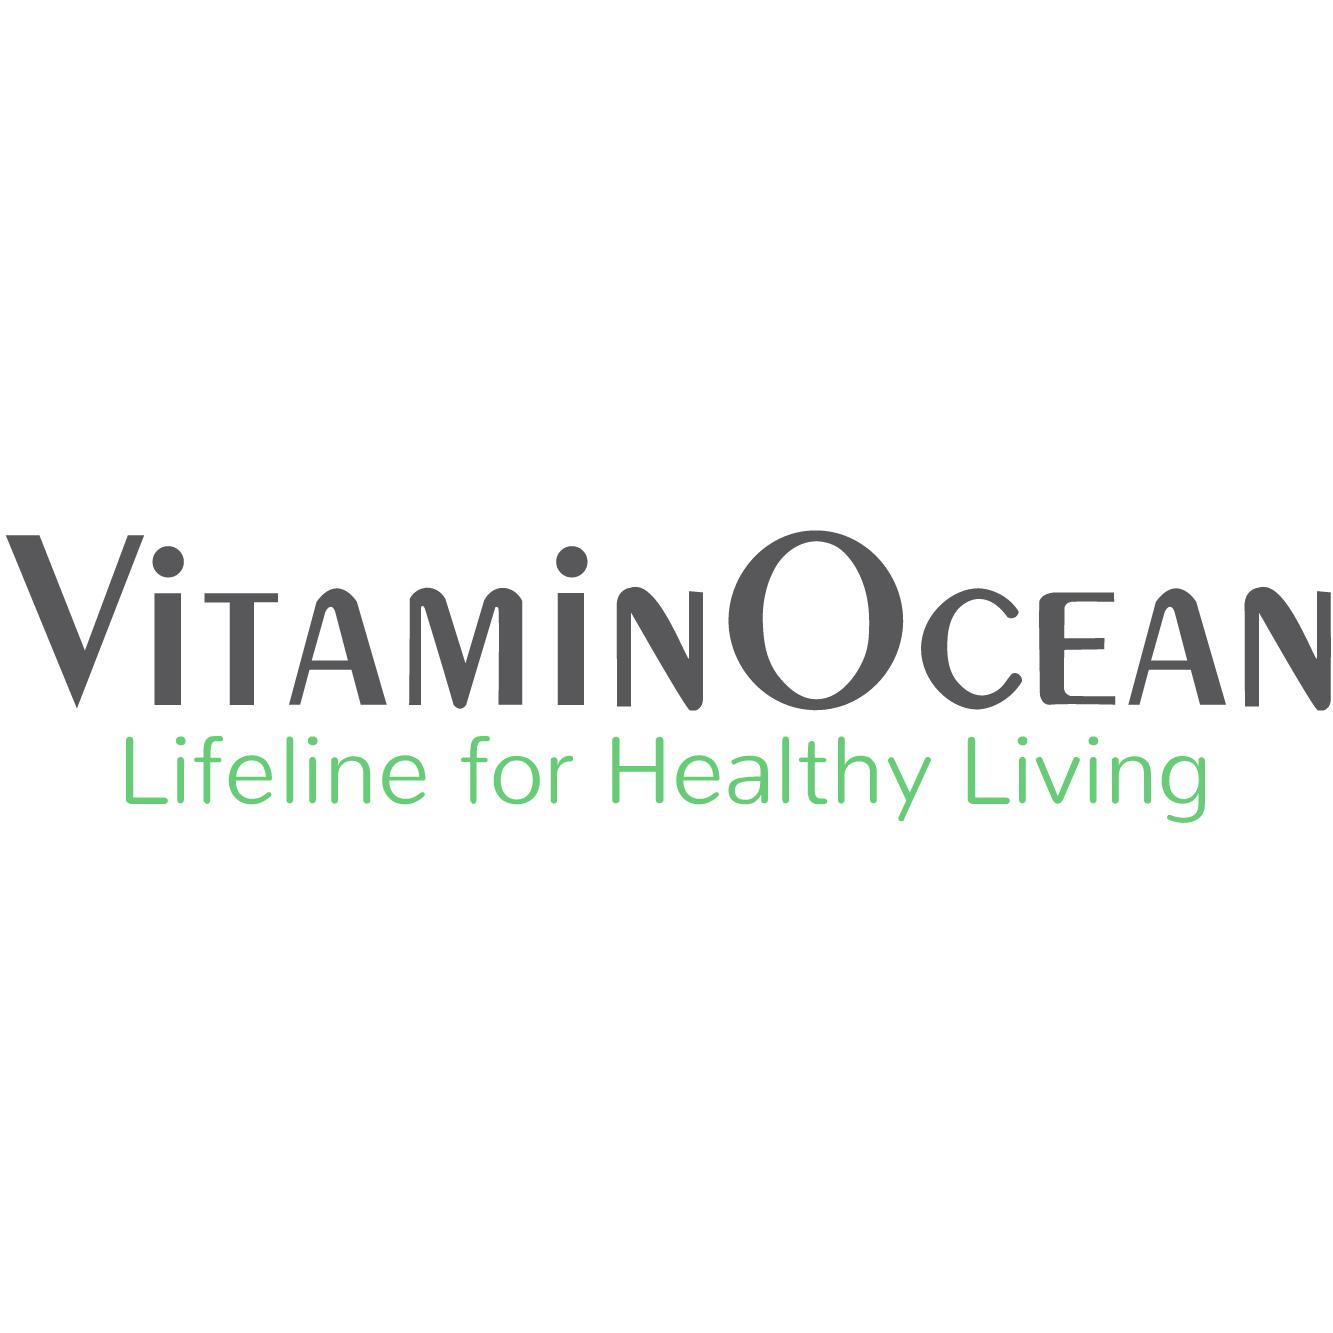 Vitamin Ocean